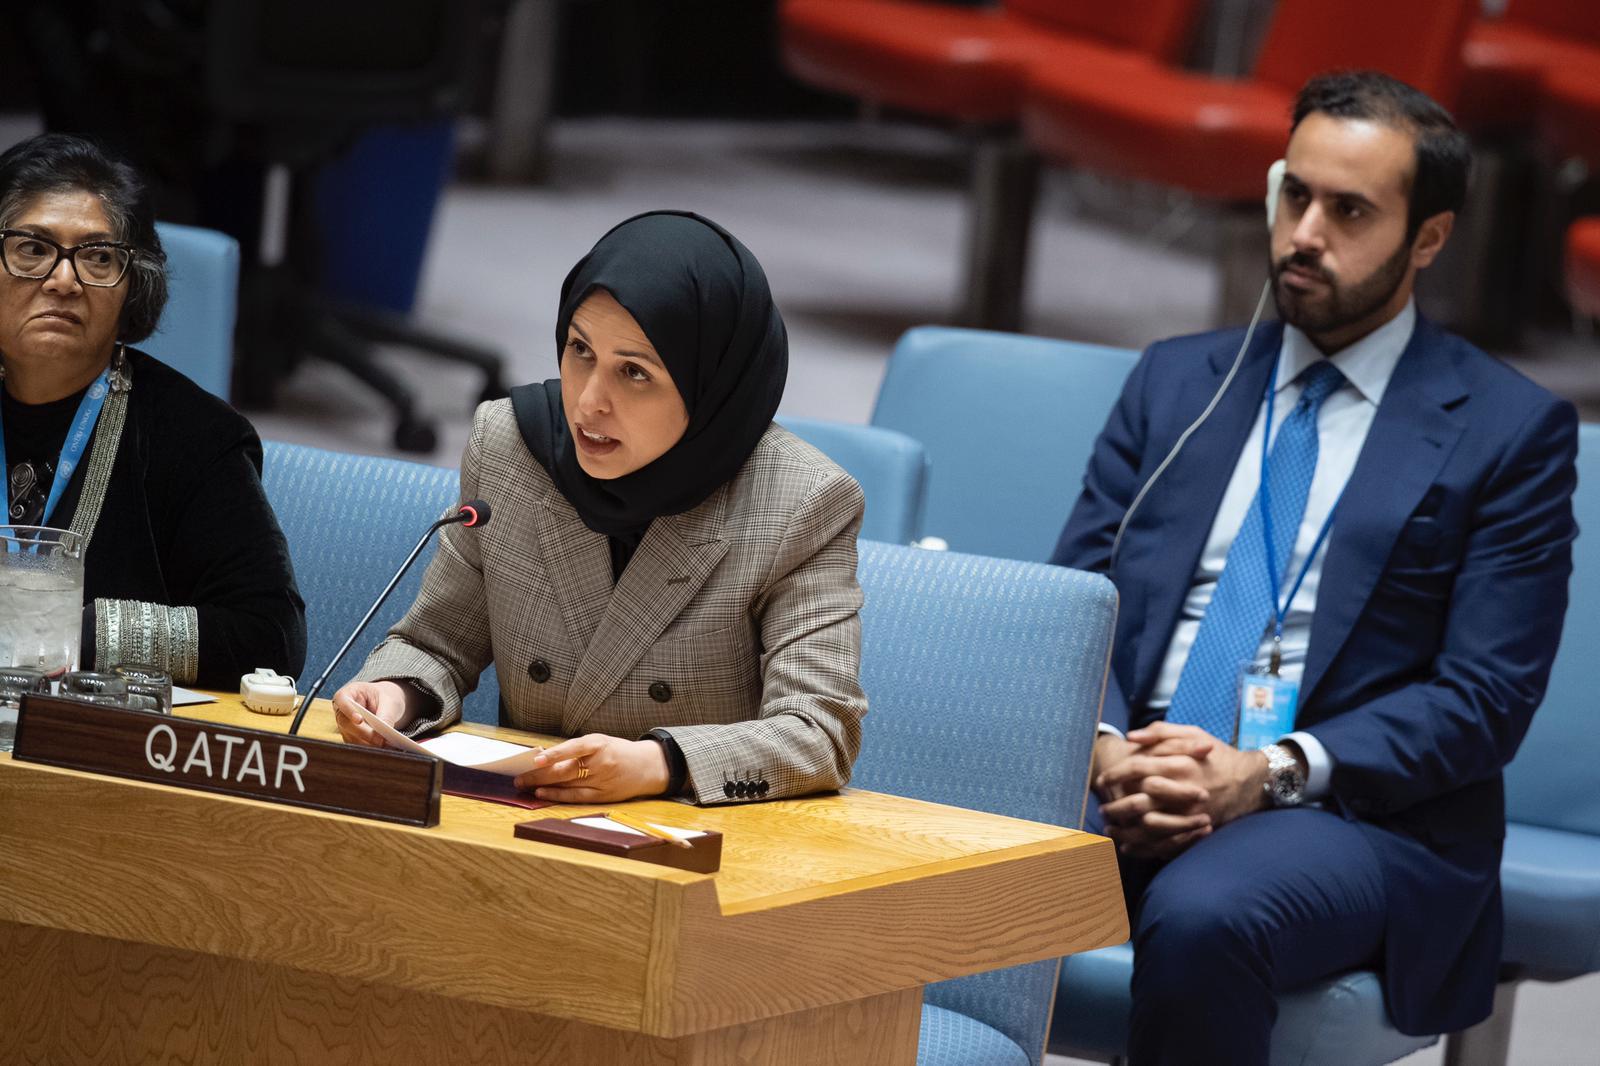 دولة قطر تؤكد مساهمتها الفاعلة لدعم الآليات القانونية الهادفة لتعزيز العدالة الانتقالية